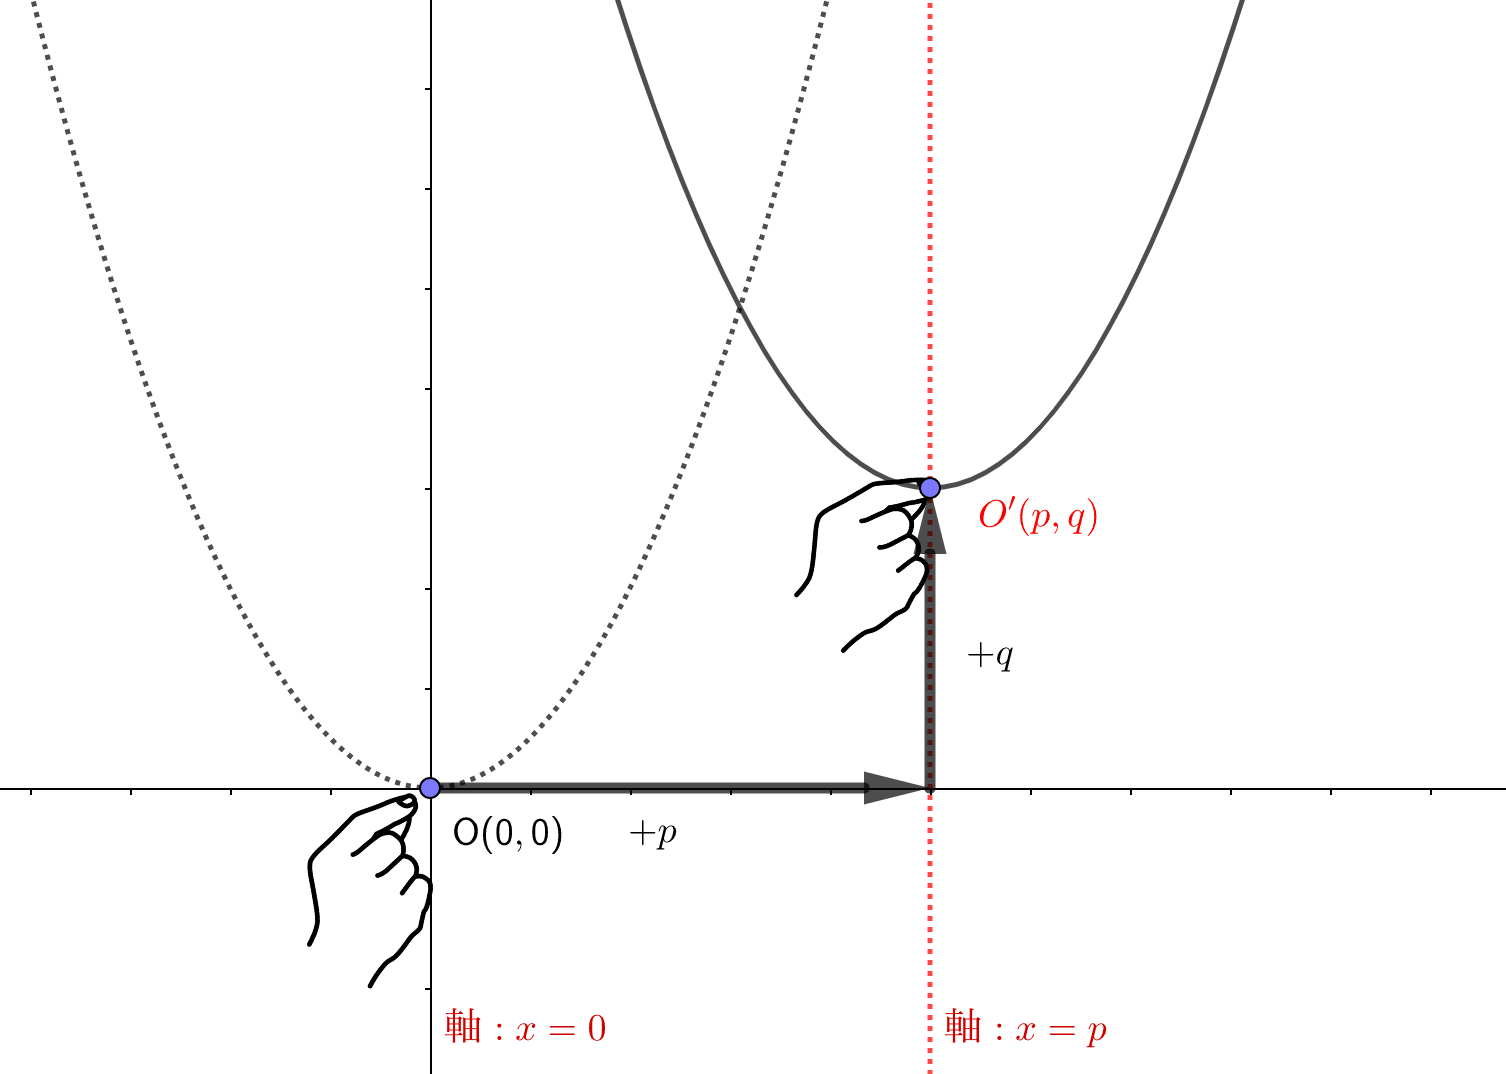 平行移動すると軸と頂点座標もかわる